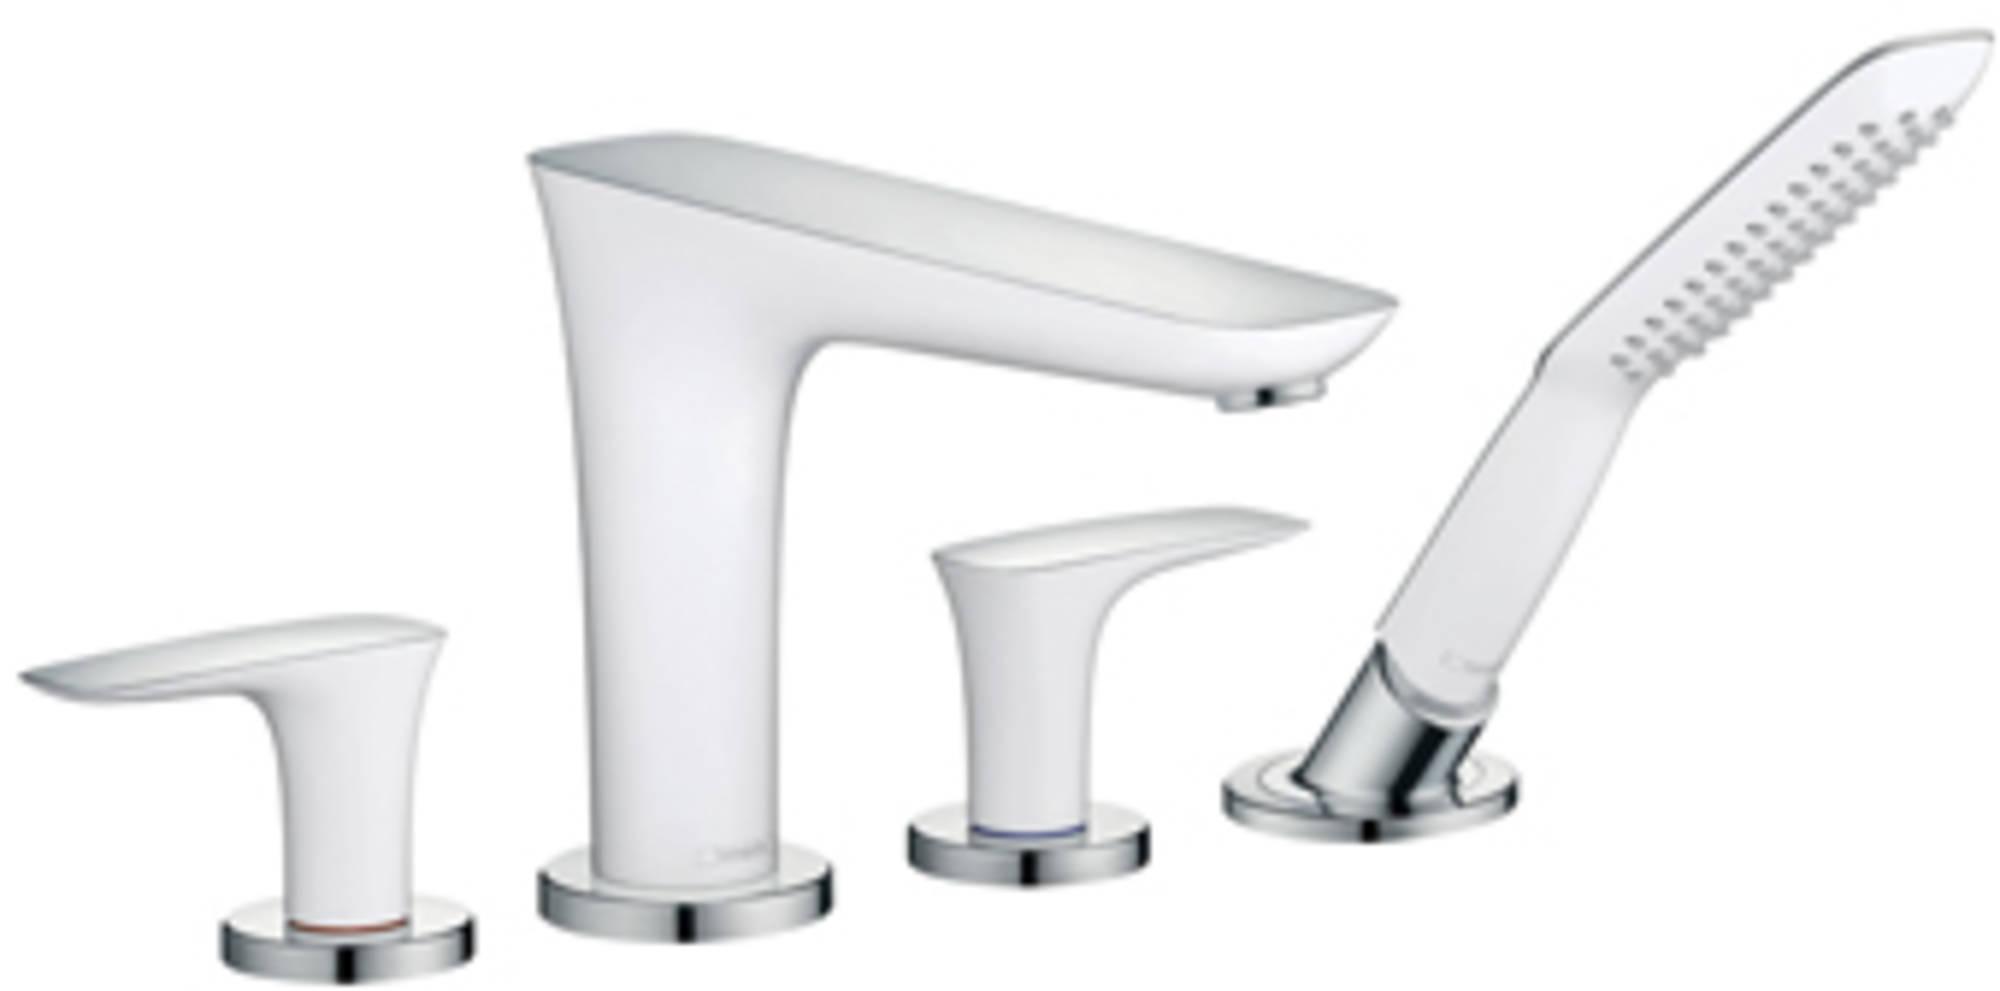 Hansgrohe Puravida afbouwdeel badrand inbouw 4-gats badrandmengkraan chroom-wit 15446400